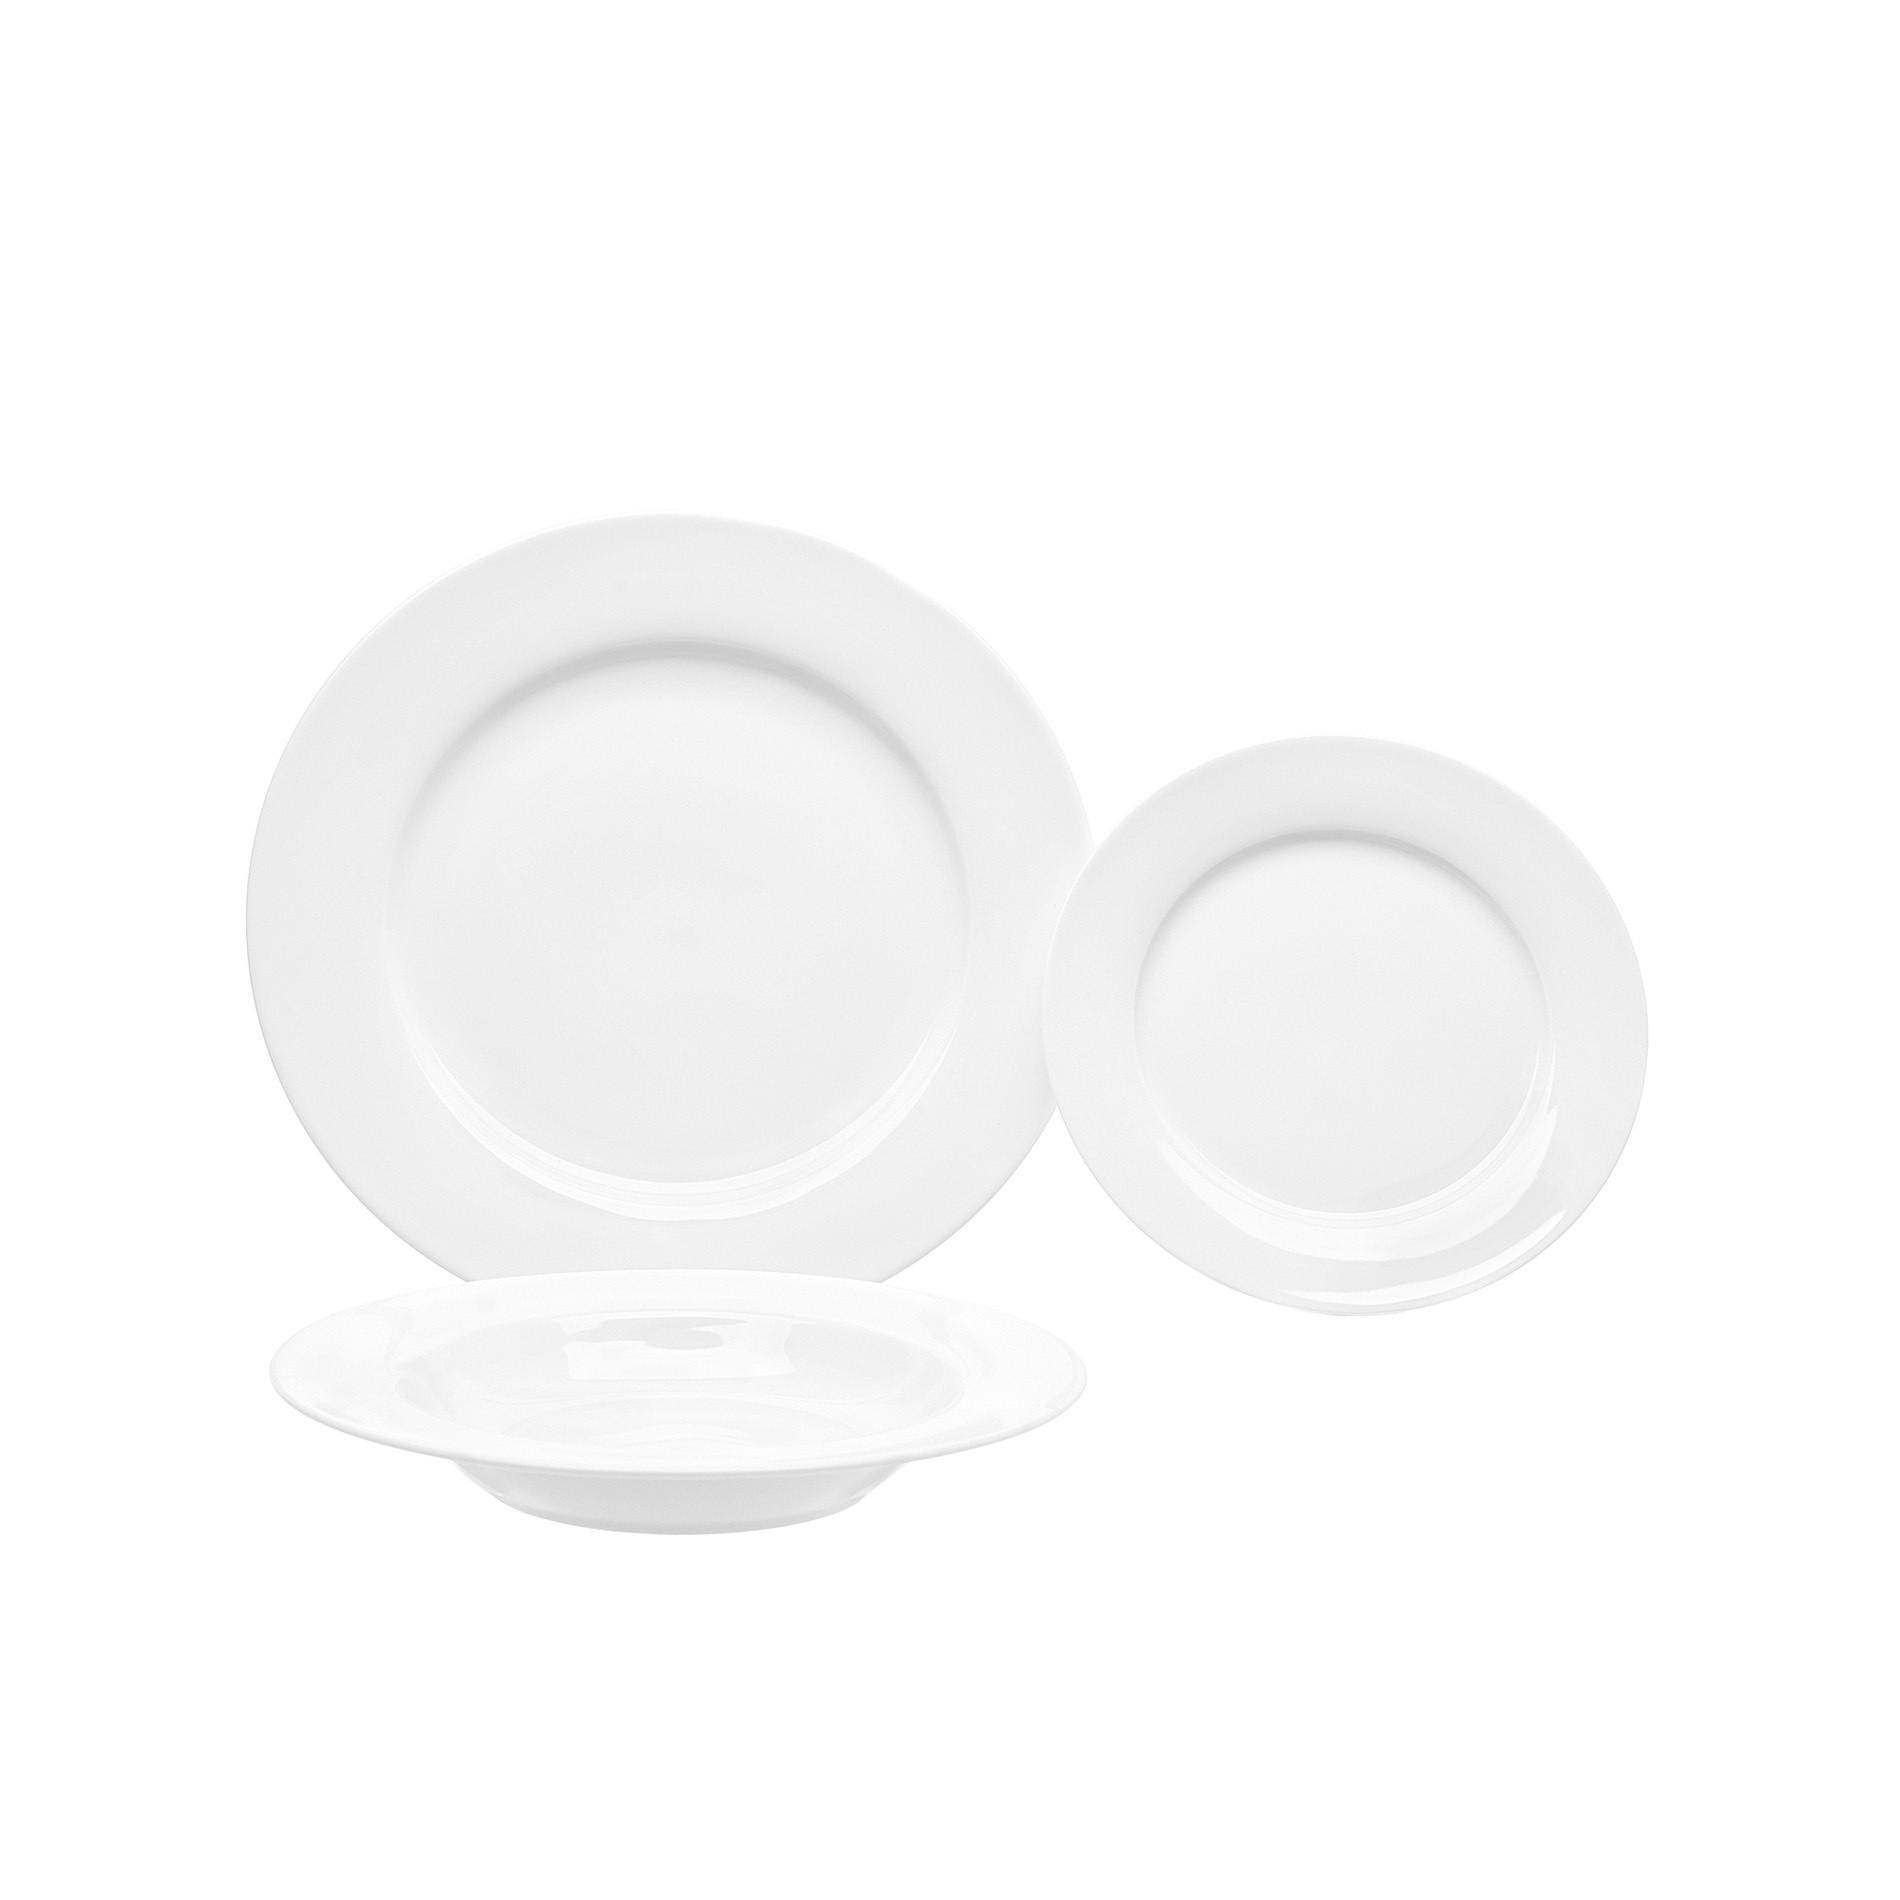 Falda set of 18 white porcelain plates, White, large image number 0